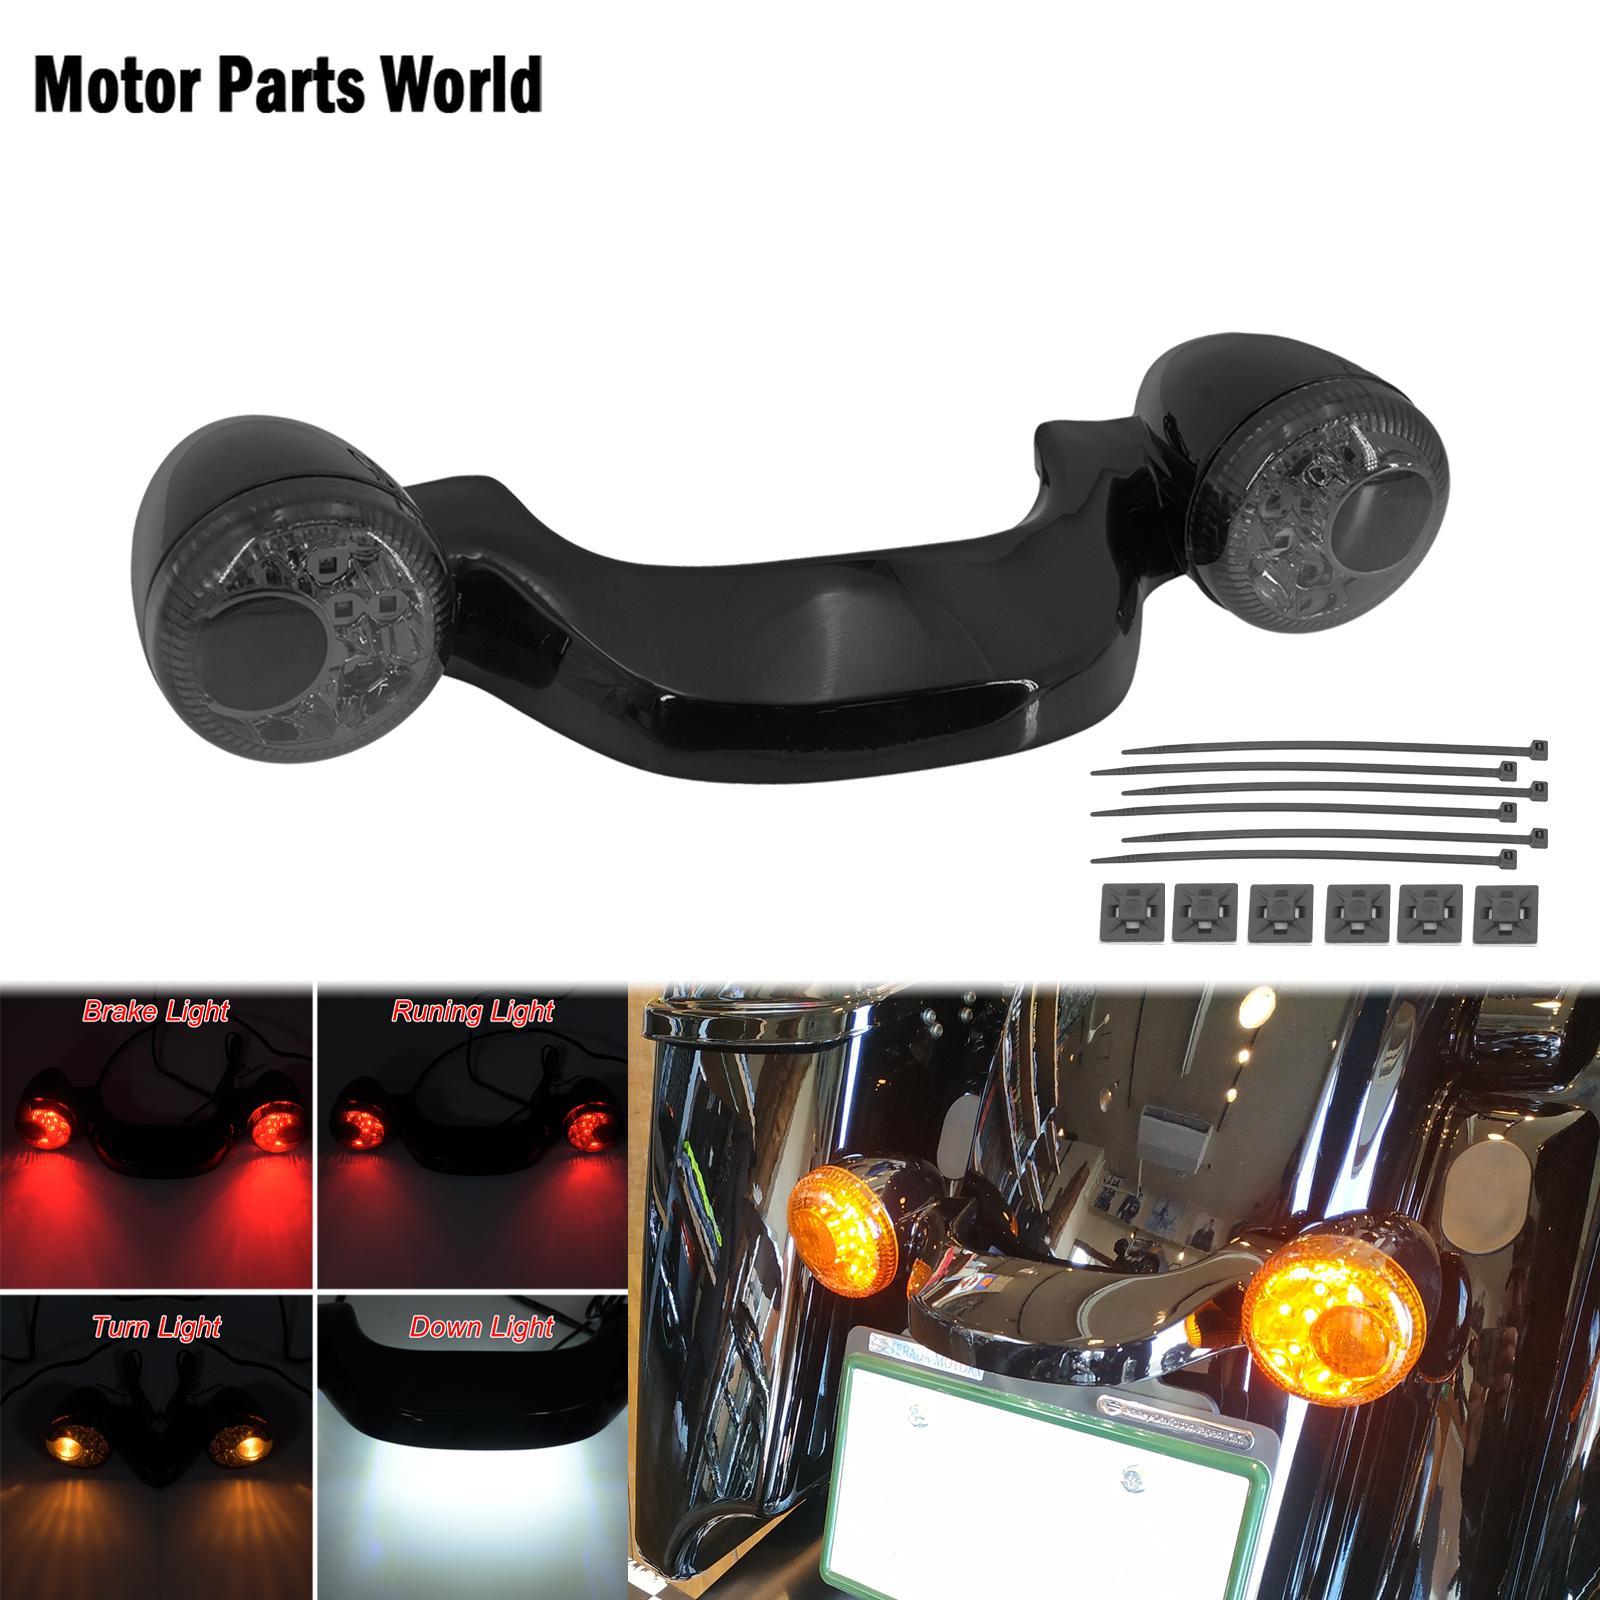 مصباح فرامل خلفي LED للدراجات النارية ، شريط إشارة الانعطاف ، أسود لامع ، لـ Harley Touring Street Glide FLHX Road Glide FLTRX 2010-2019